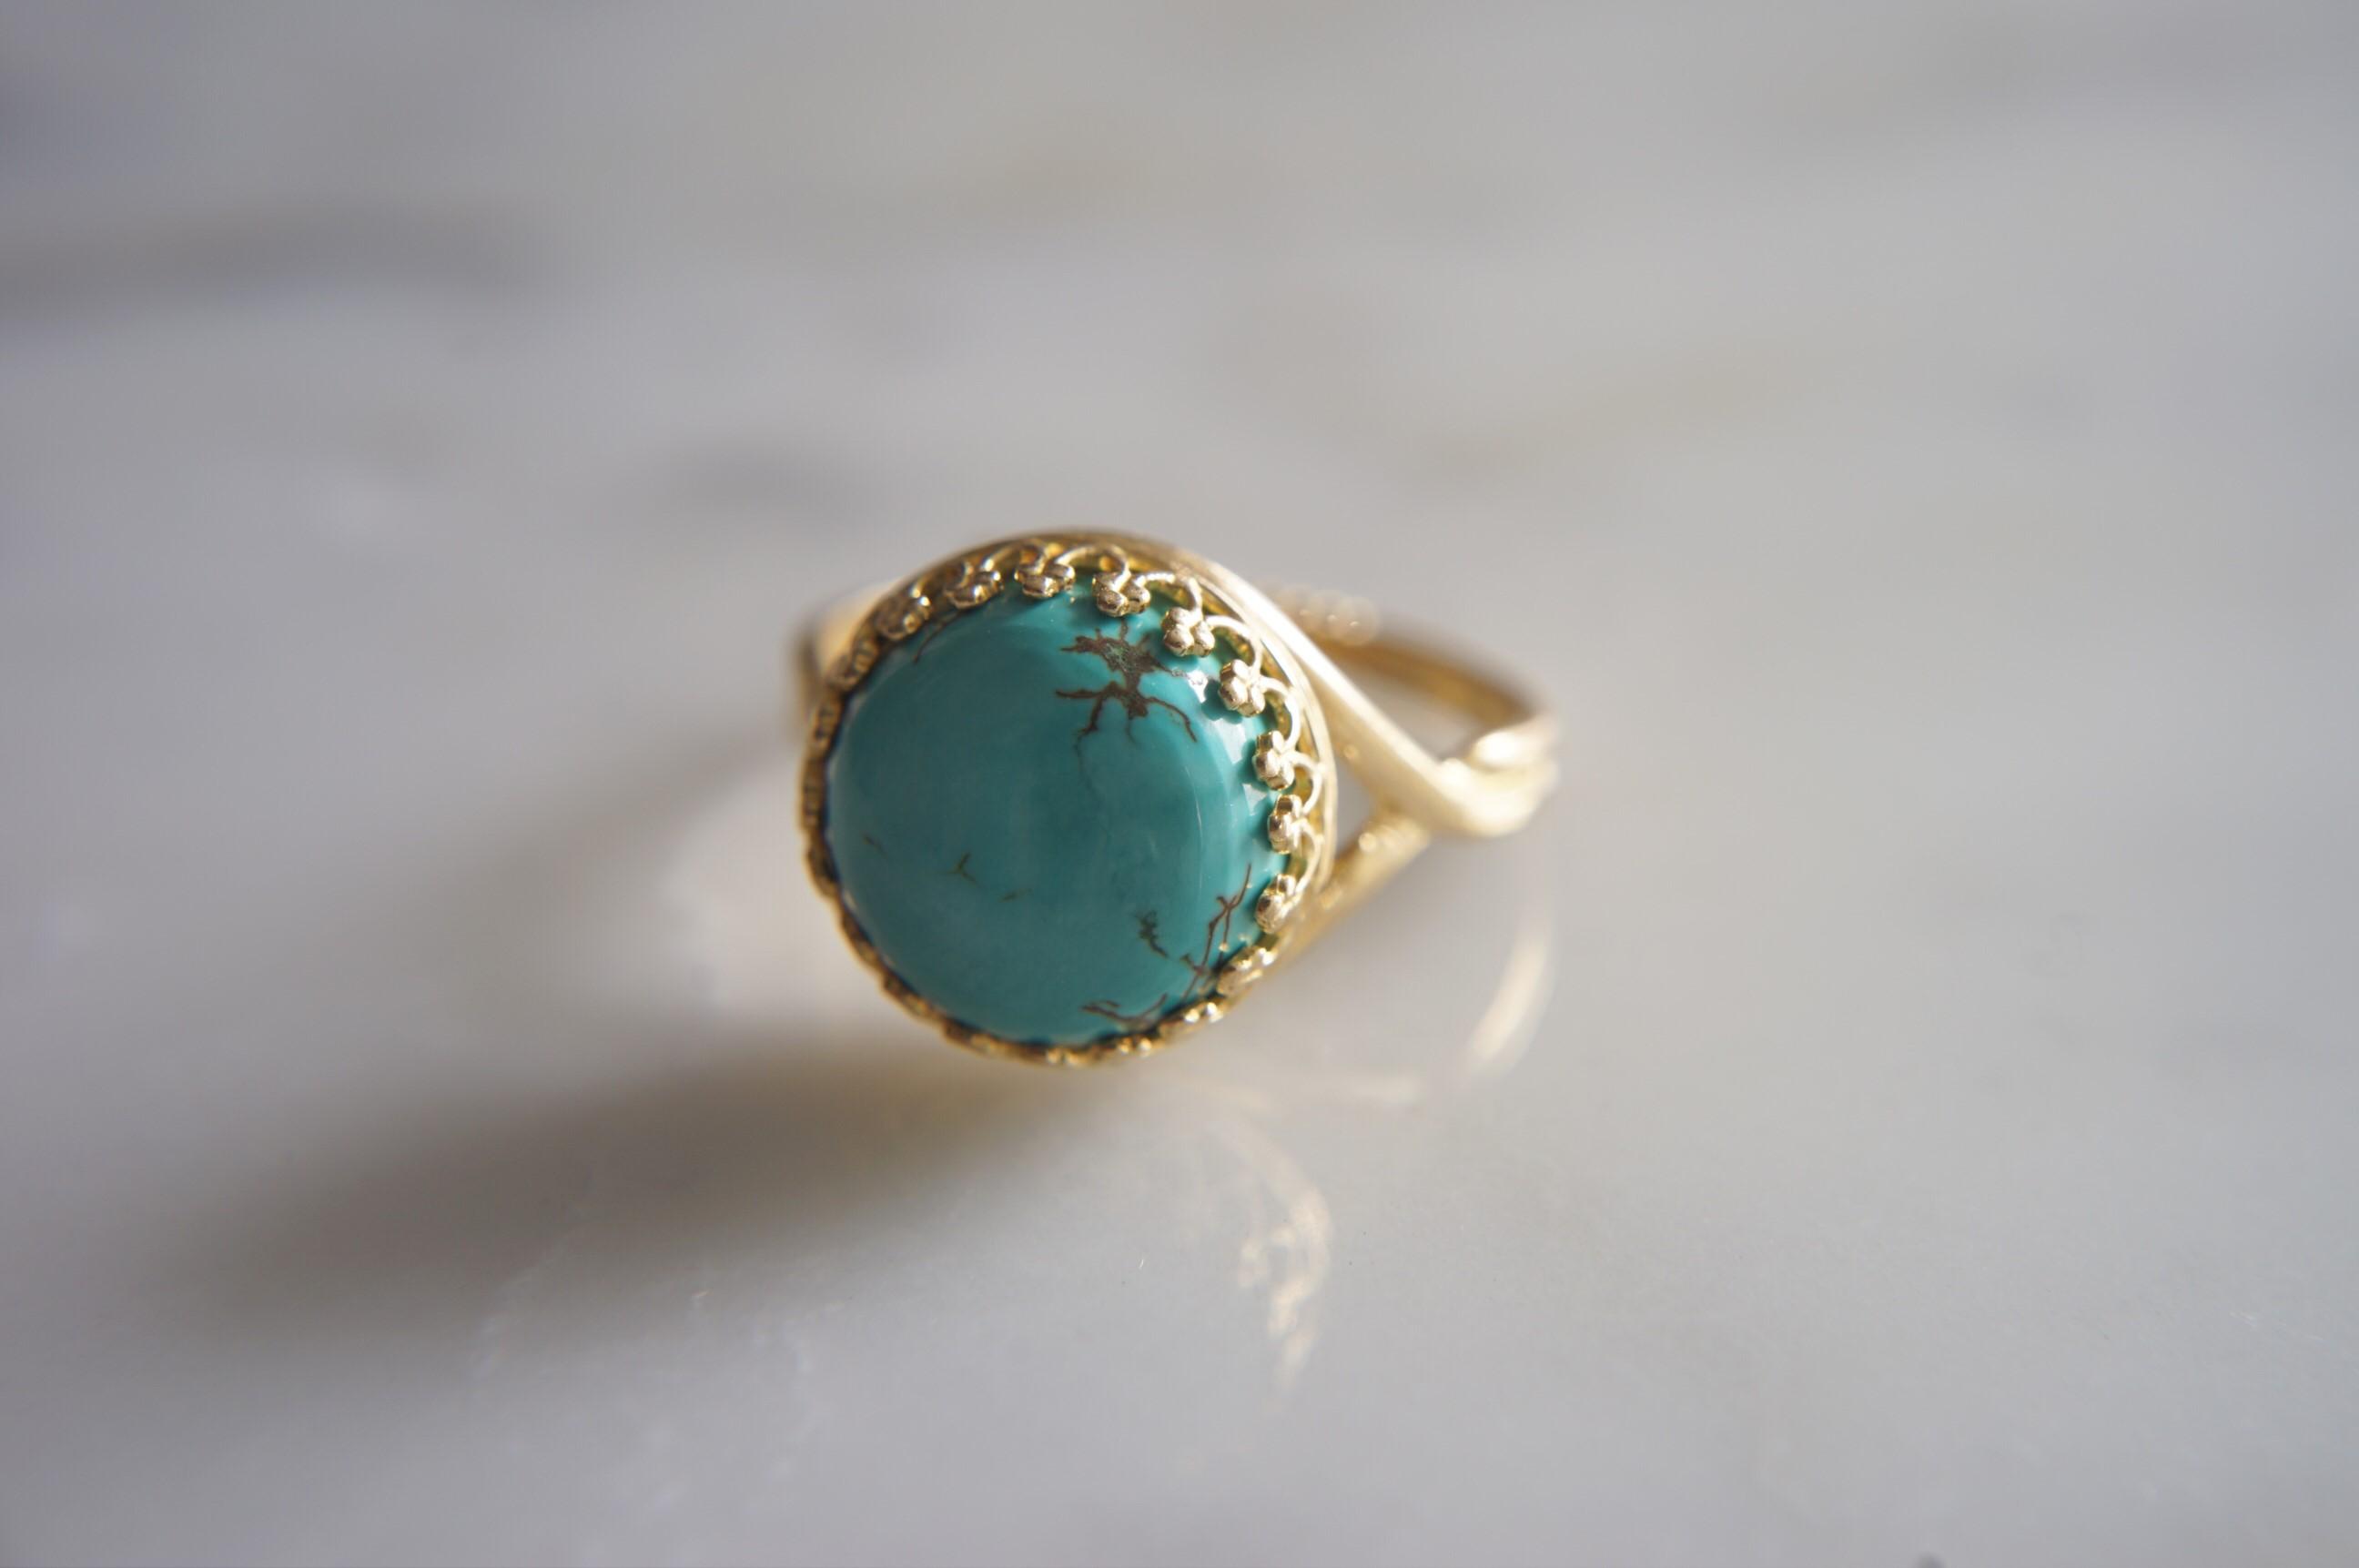 真鍮(ブラス)製 ターコイズ指輪